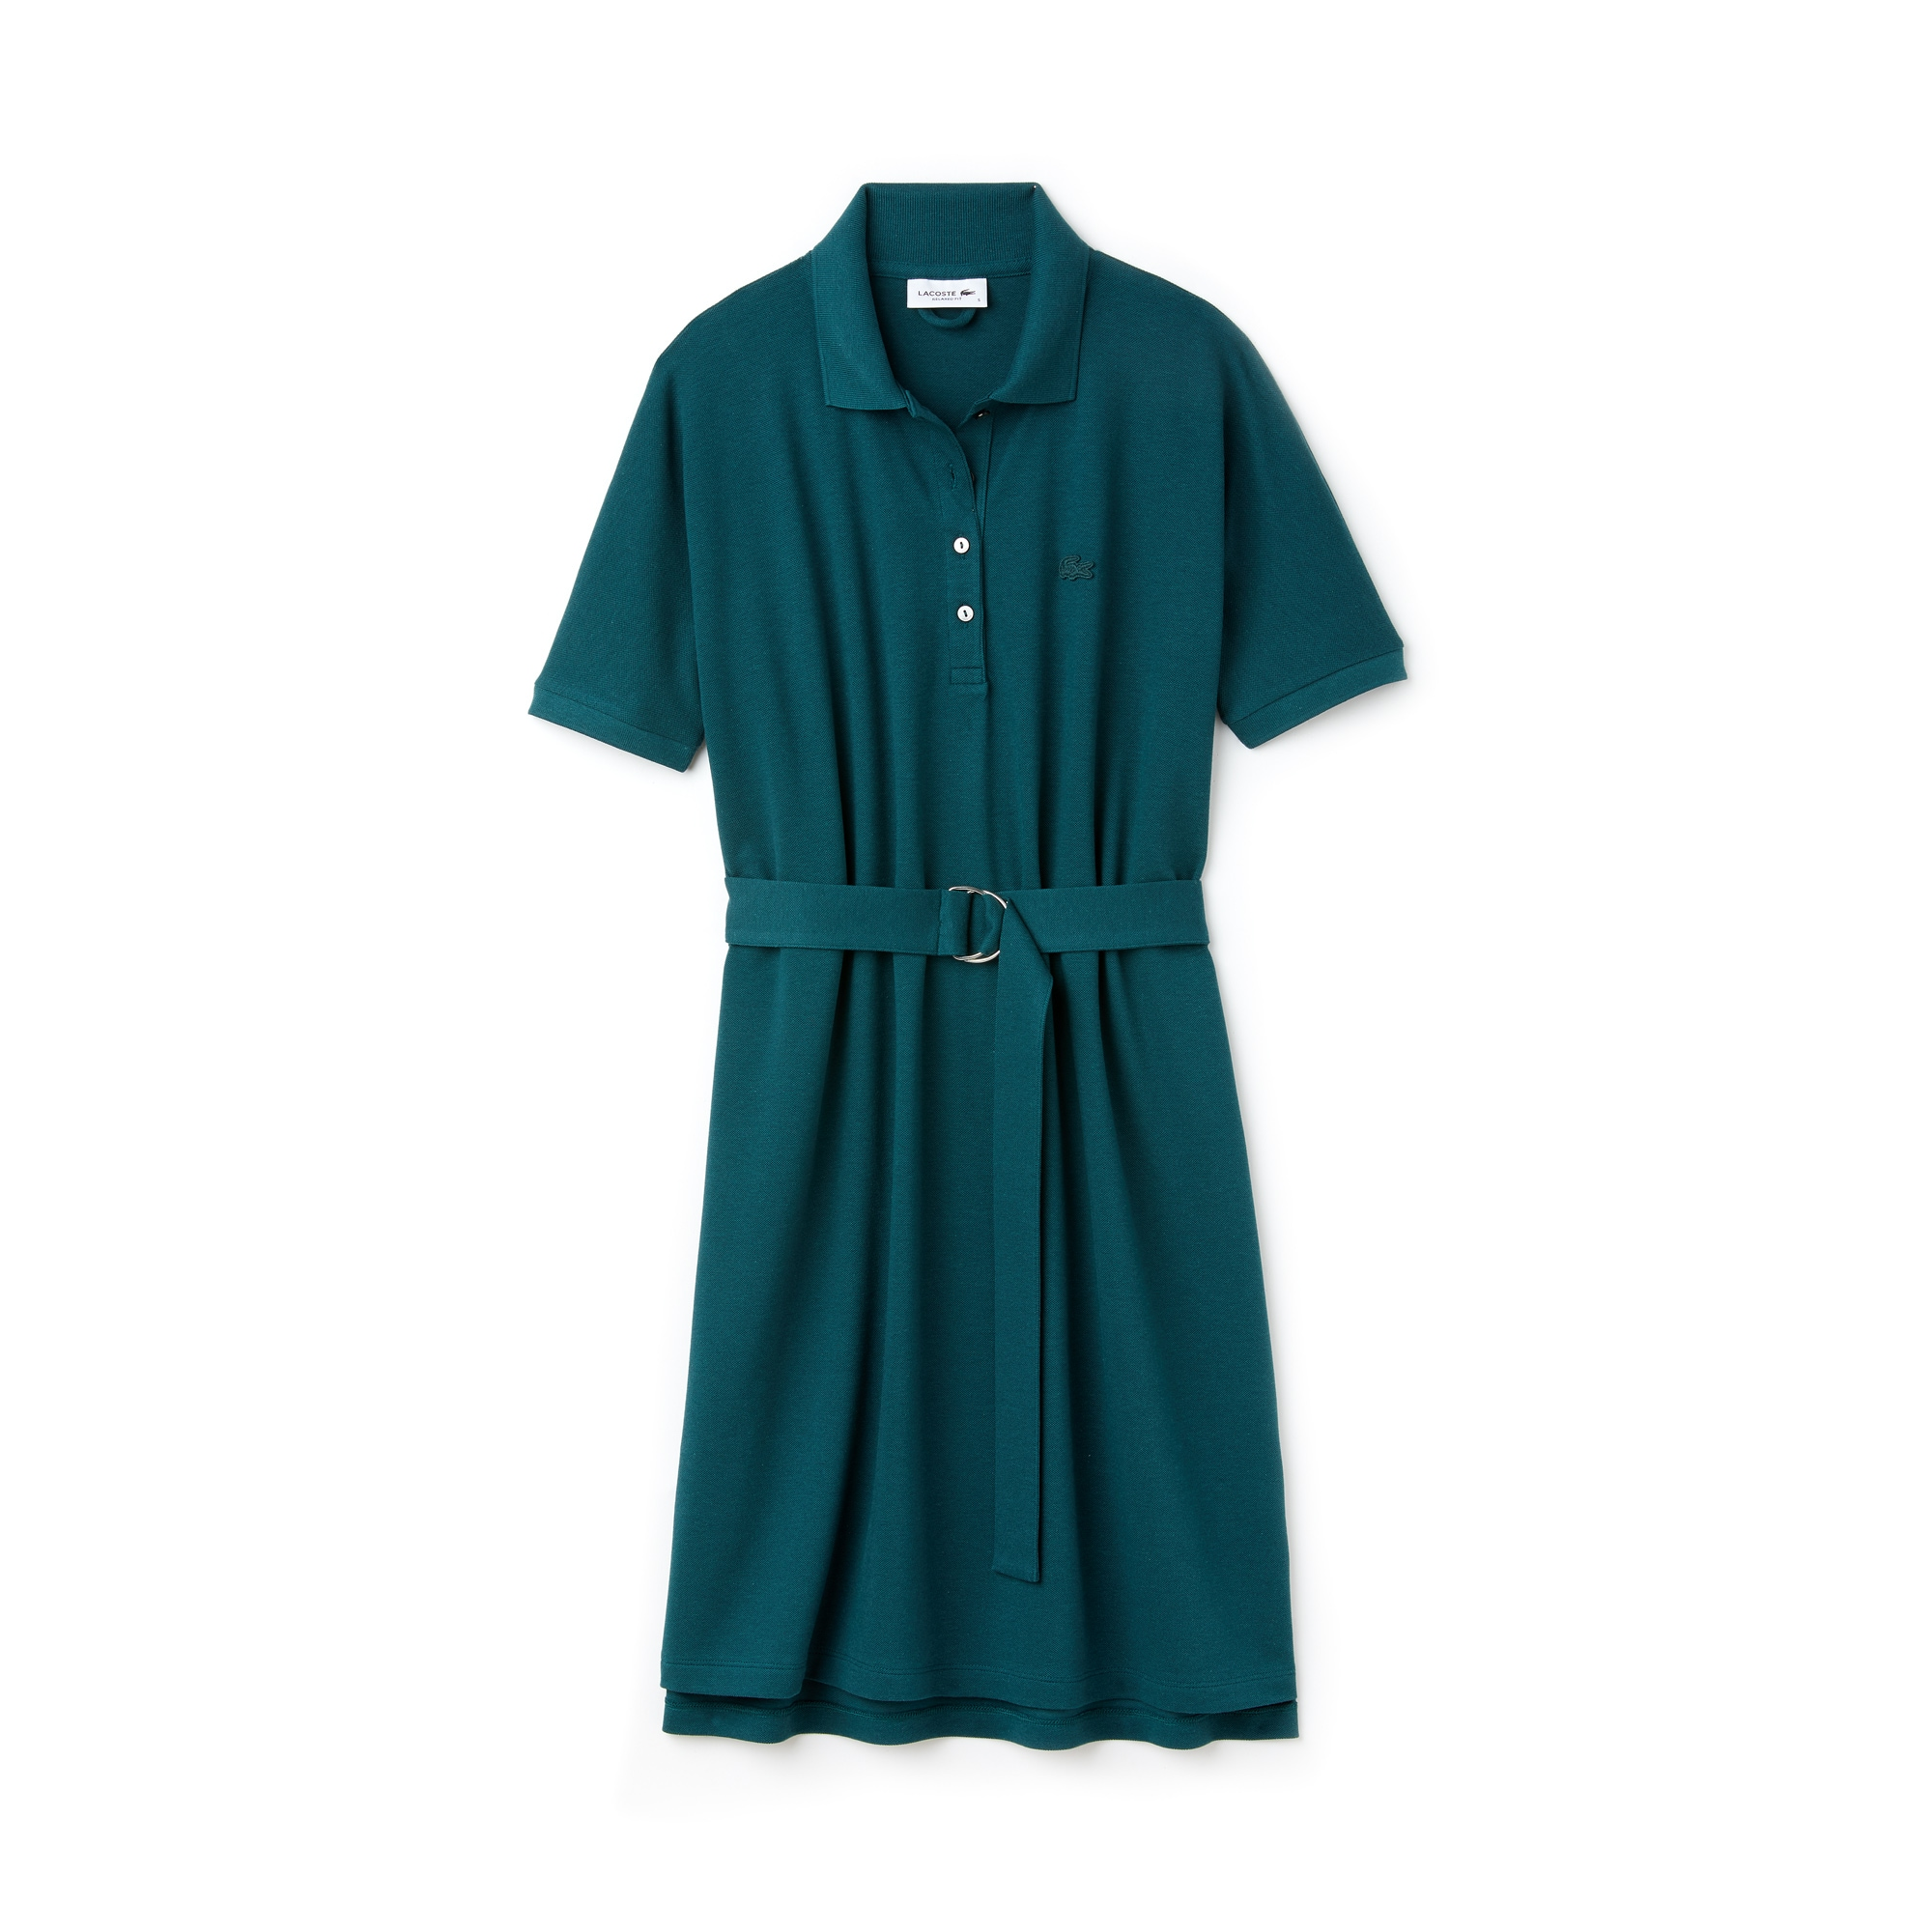 Women's Lacoste Flowing Cotton Piqué Polo Dress